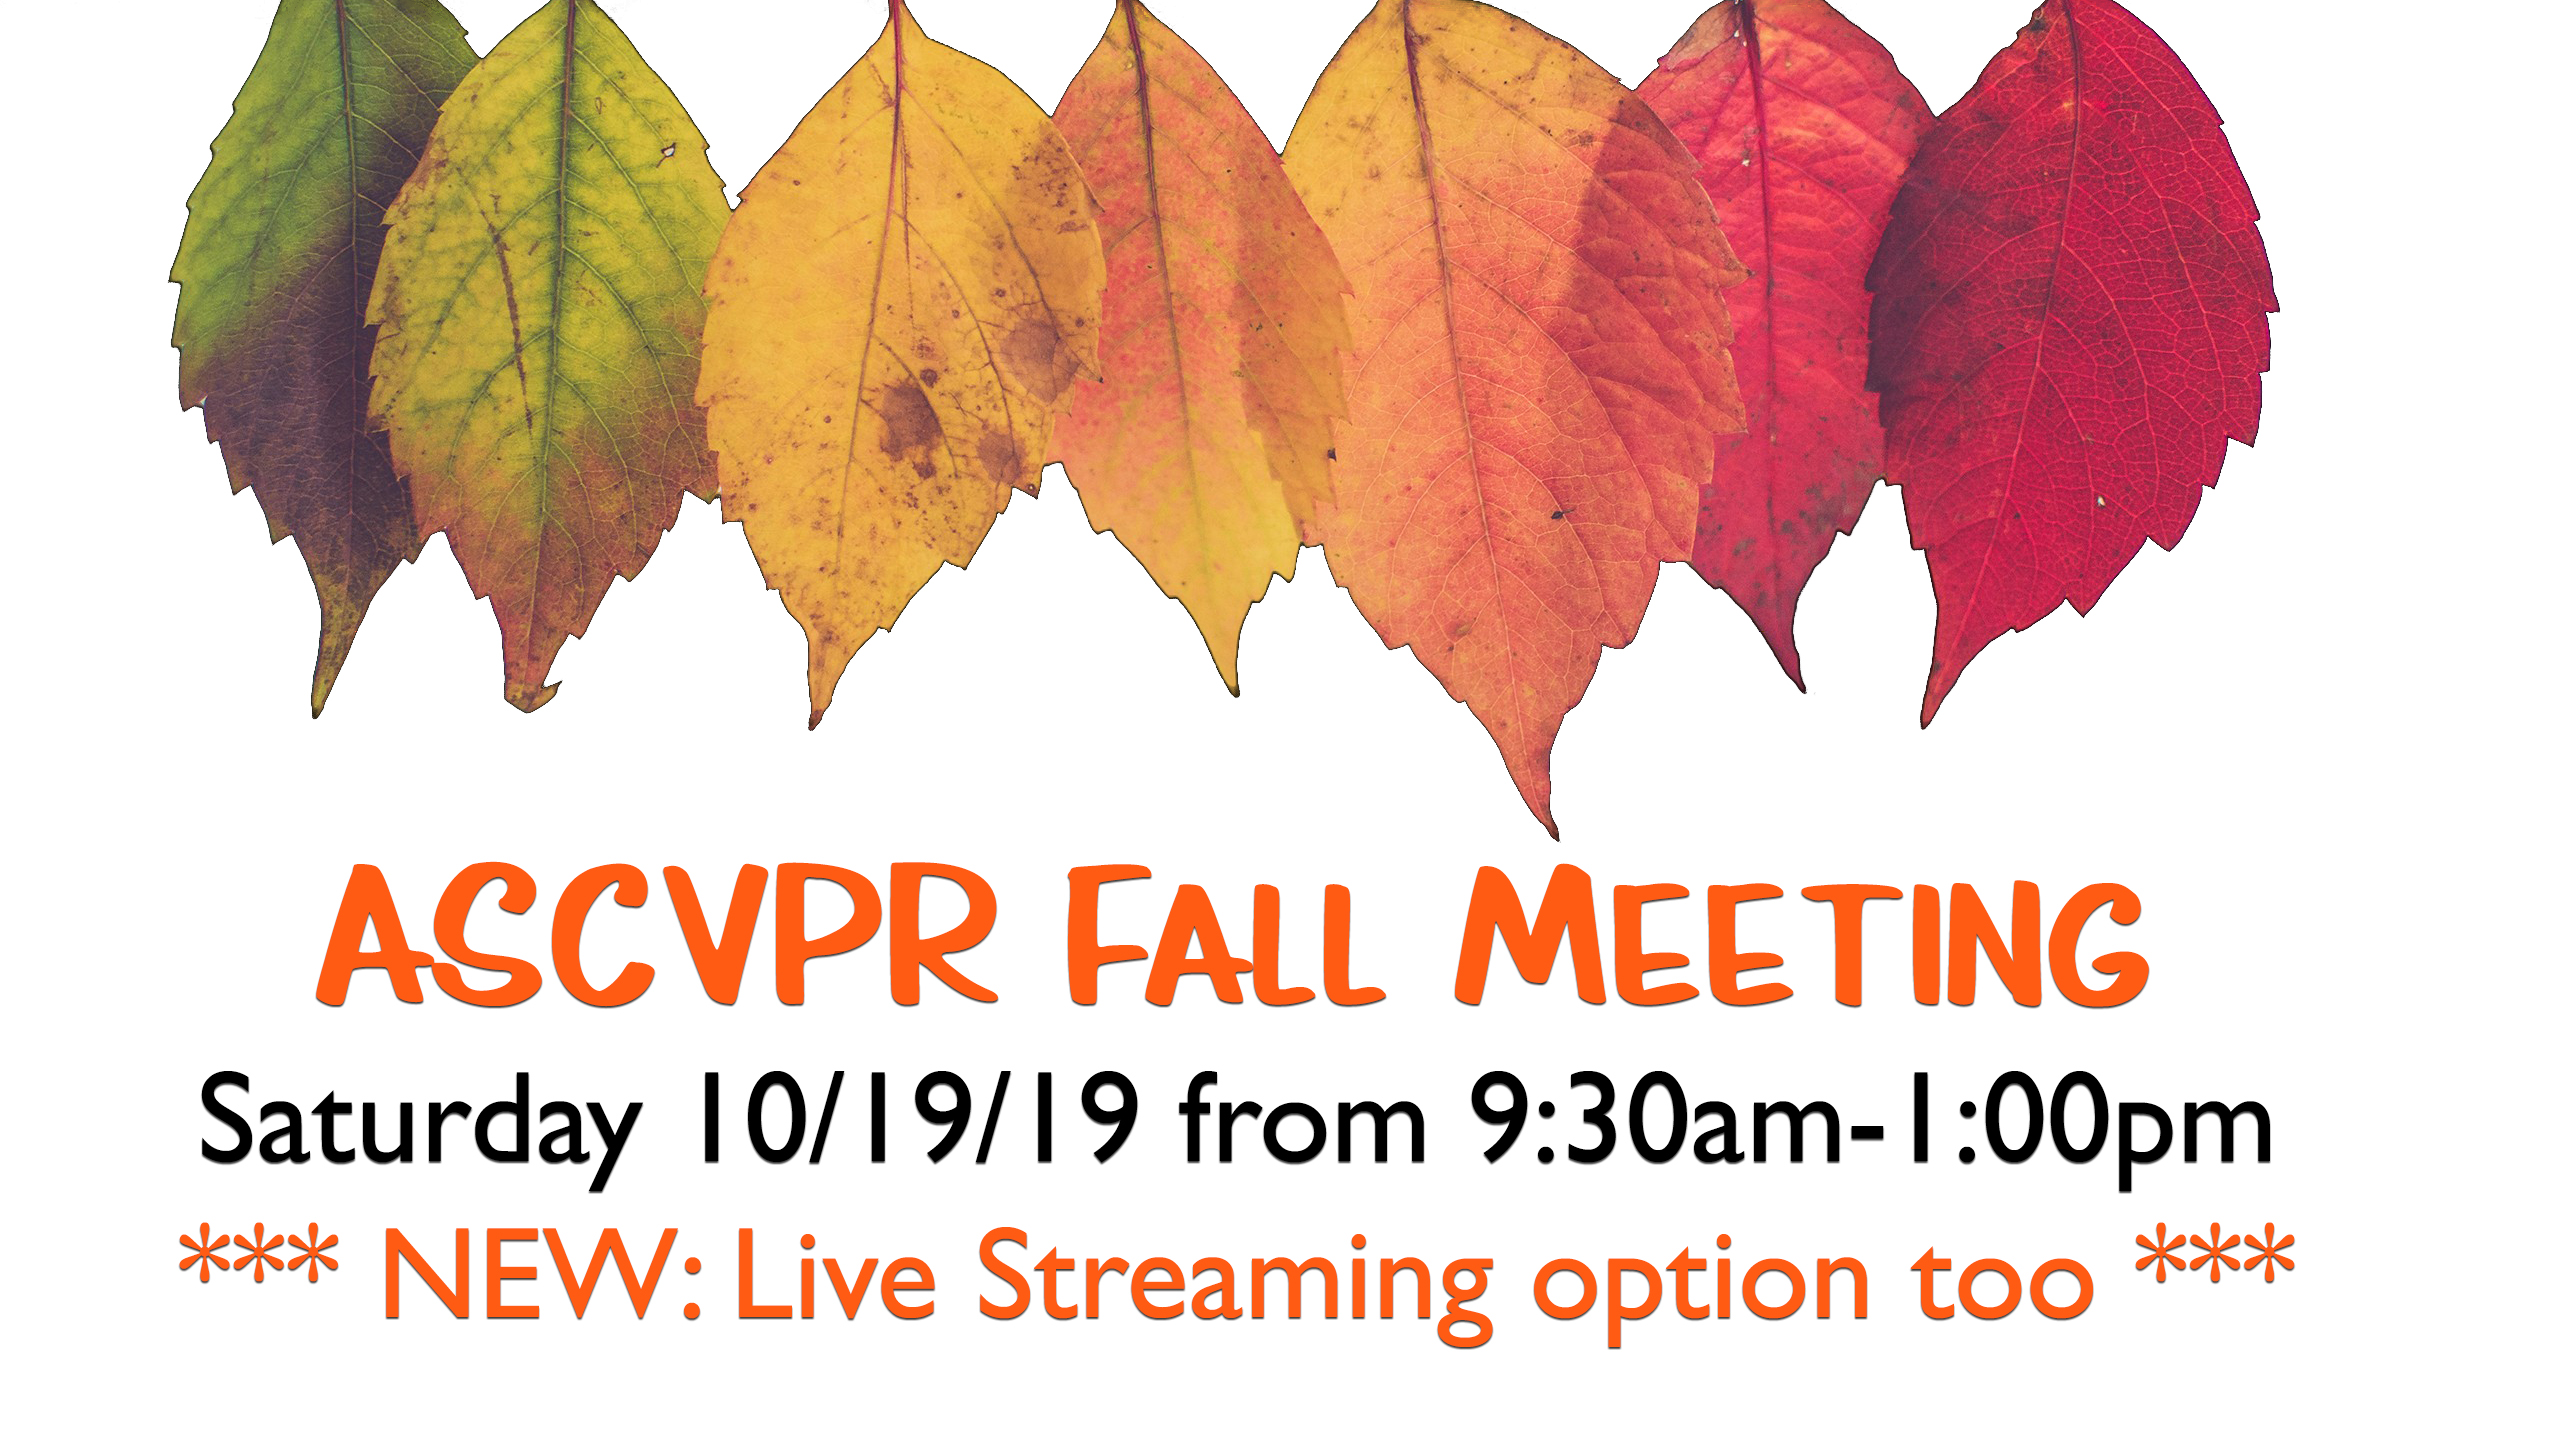 ASCVPR Fall Meeting EventBrite Banner